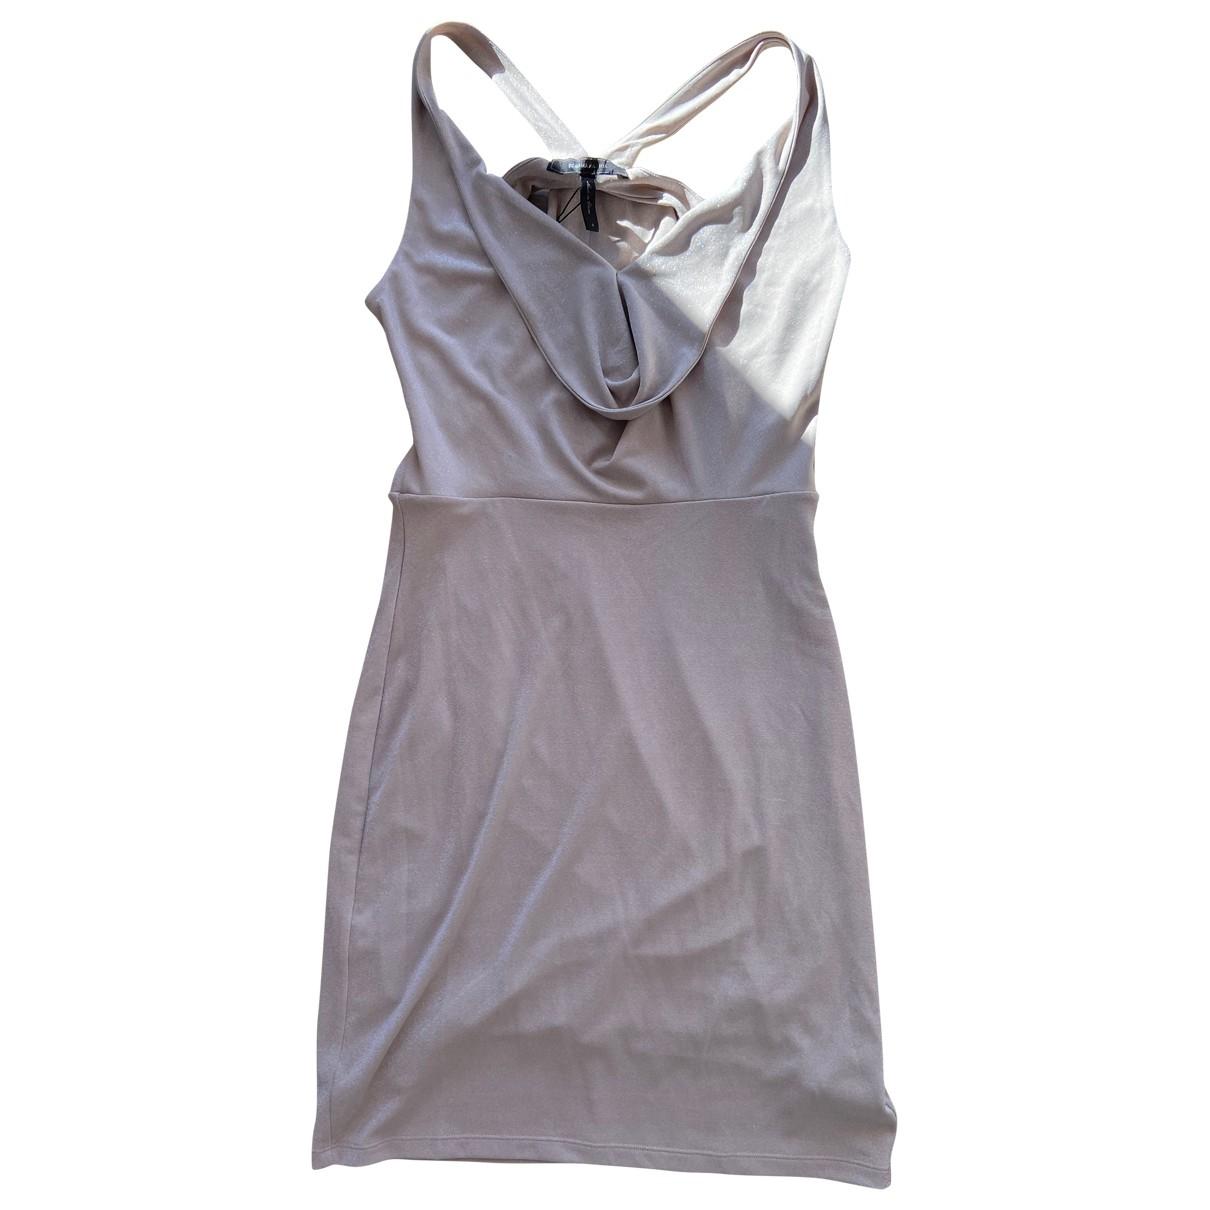 Bcbg Max Azria - Robe   pour femme en coton - elasthane - dore